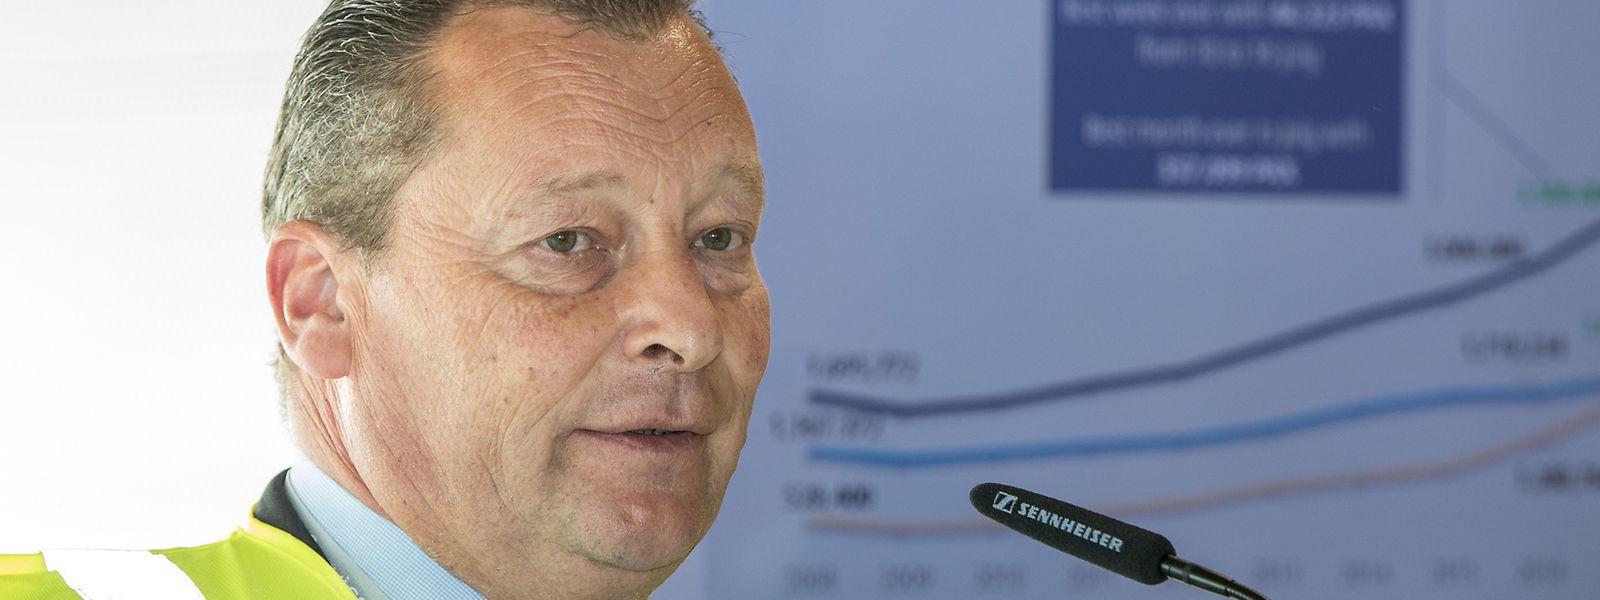 Au 1er juillet 2019, Martin Isler laissera sa place d'Executive vice-president airline de Luxair à Laurent Jossart.